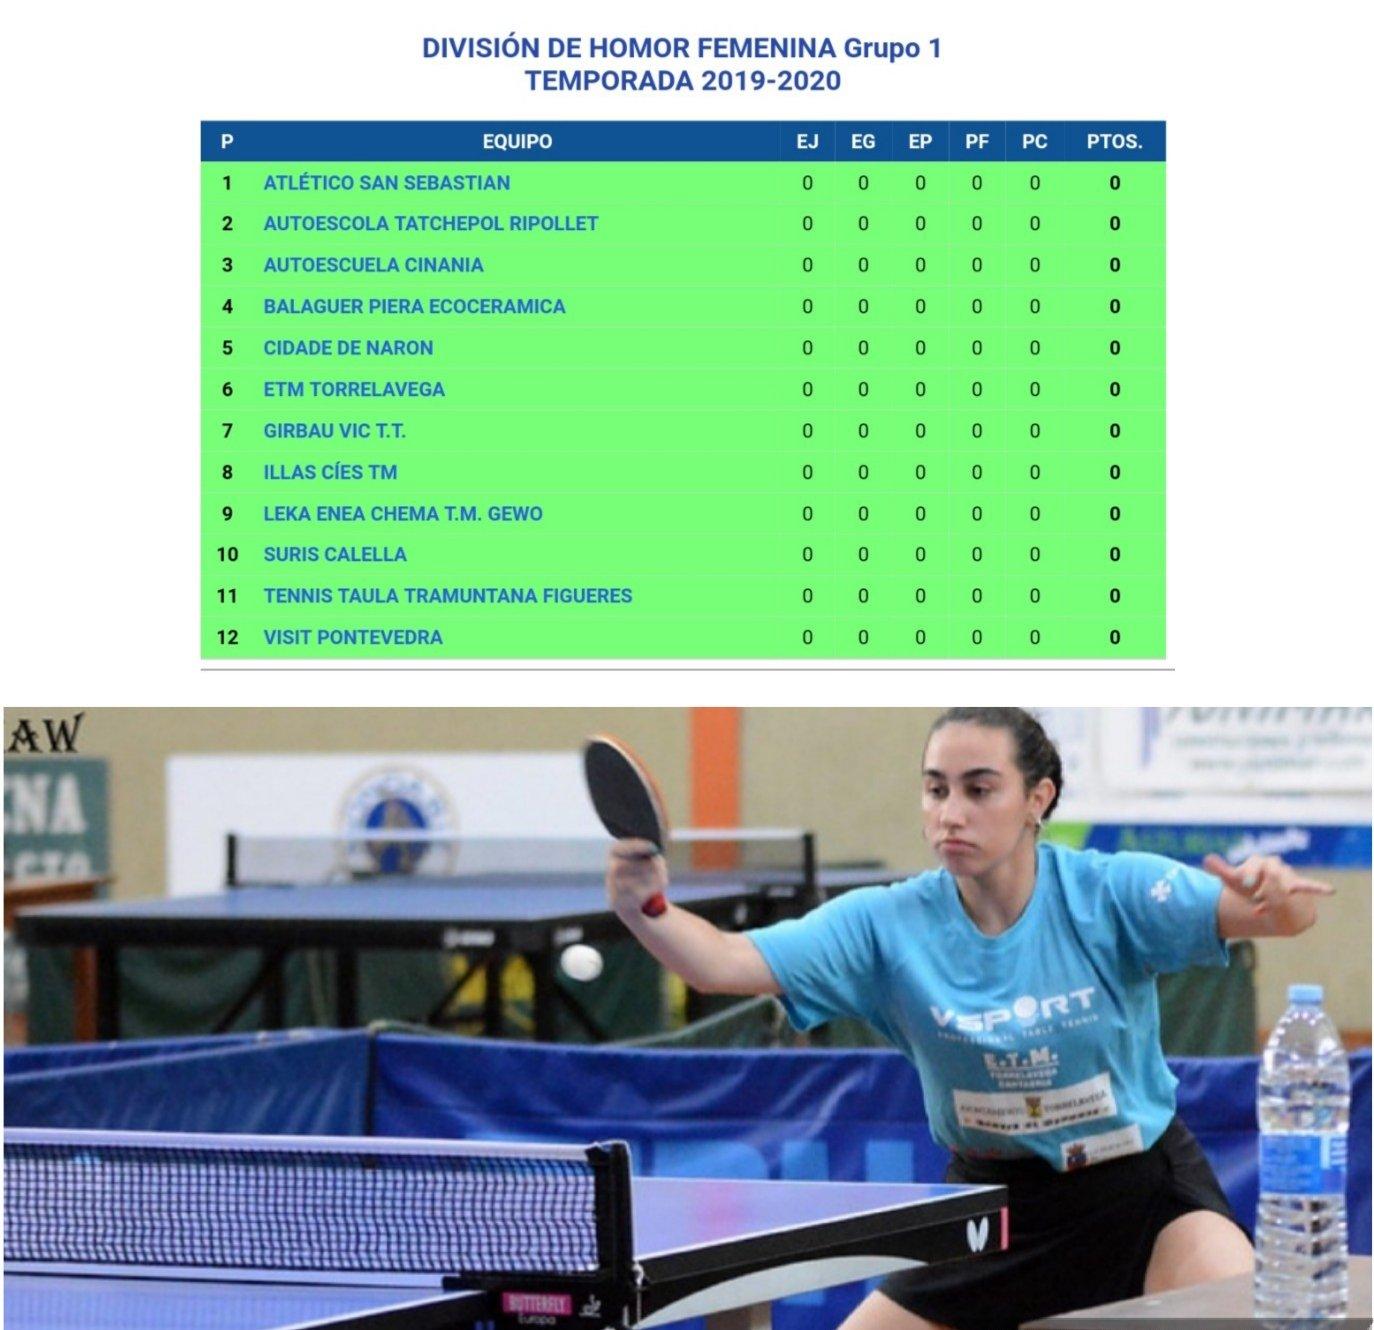 Itziar Dopico en División de Honor Femenina de Tenis Mesa con el ETM Torrelavega